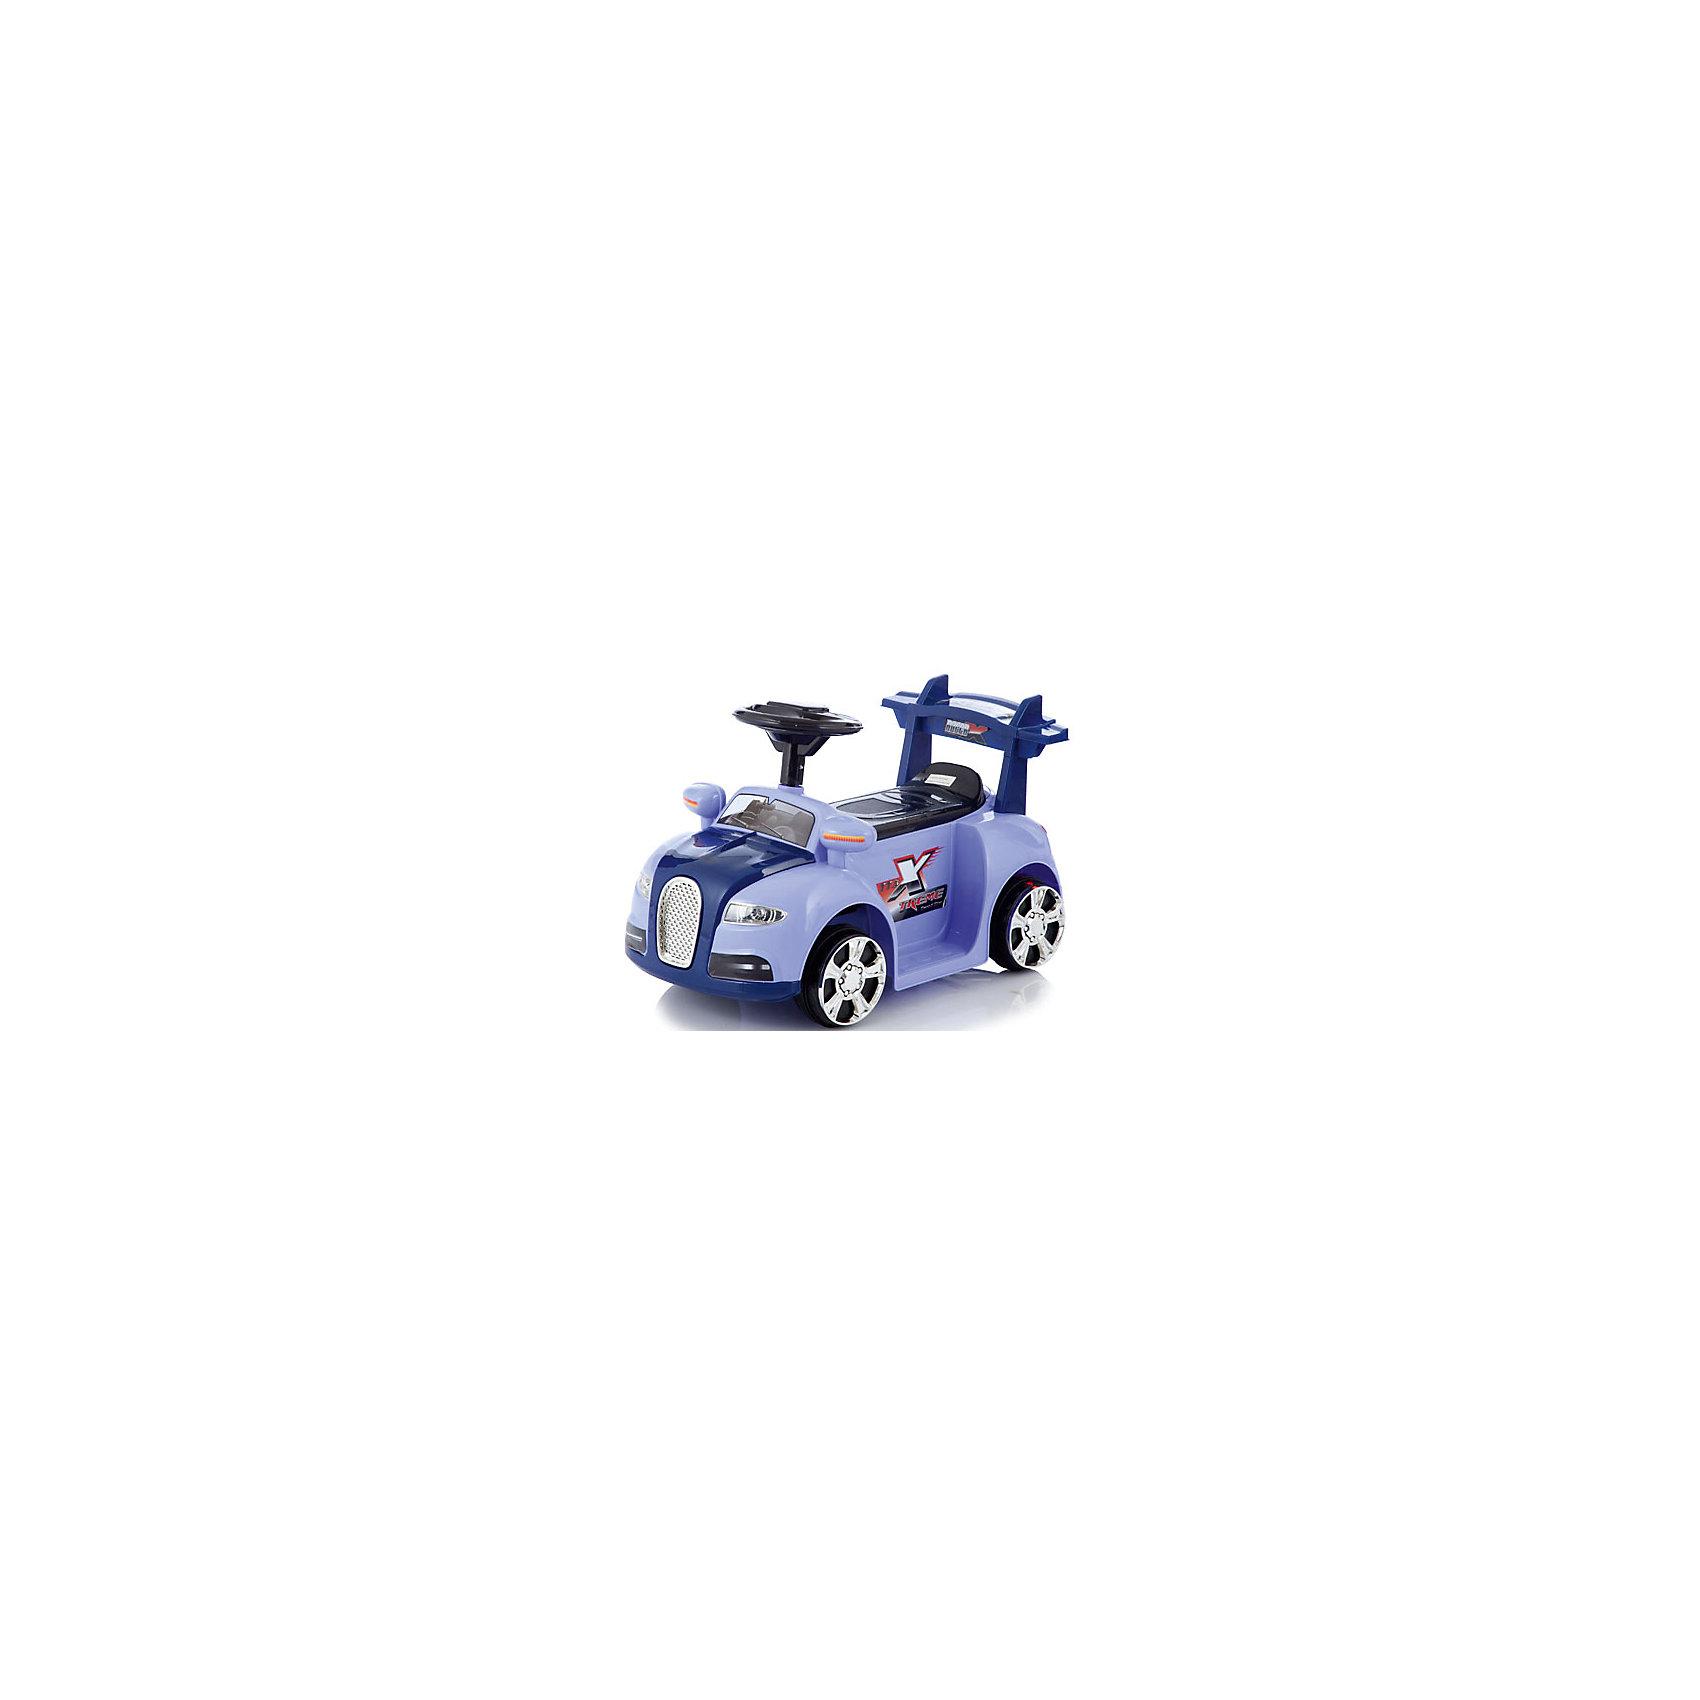 Электромобиль Bugatti, фиолетовый, JetemJetem (Жетем) Bugatti – электромобиль с посадкой, как у квадроцикла. Эта модель, основанная на узнаваемых деталях классического автомобиля, обязательно понравится юному водителю. Машина комплектуется пультом дистанционного управления, что позволяет родителям контролировать перемещение ребенка. Посадка, как у квадроцикла (сидение между ног), позволяет малышу еще быстрее и безопаснее слезать и залезать на него. <br><br>Дополнительная информация:<br><br>Машинка работает на 6v аккумуляторе, заряда которого хватает на 1,5 часа непрерывного катания. <br>Электромобиль может двигаться вперед и назад.<br>В руль вмонтирован модуль со множеством звуковых эффектов (требуются AA батарейки).<br>Аккумулятор: 6V <br>Время работы аккумулятора: до 1,5 часов<br>Время зарядки аккумулятора: 8-10 часов<br>Коробка передач: 1 скорость вперед, 1 скорость назад <br>Максимальная скорость: до 2,5 км/ч<br>Размеры: размеры электромобиля: 70x35x30 см<br>Максимальная нагрузка: 20 кг<br>Вес:5,5 кг <br>Дальность действия пульта: около 20 метров<br> <br>Электромобиль Bugatti, фиолетовый, Jetem (Жетем) можно купить в нашем магазине.<br><br>Ширина мм: 710<br>Глубина мм: 370<br>Высота мм: 320<br>Вес г: 7500<br>Возраст от месяцев: 36<br>Возраст до месяцев: 84<br>Пол: Унисекс<br>Возраст: Детский<br>SKU: 4618479